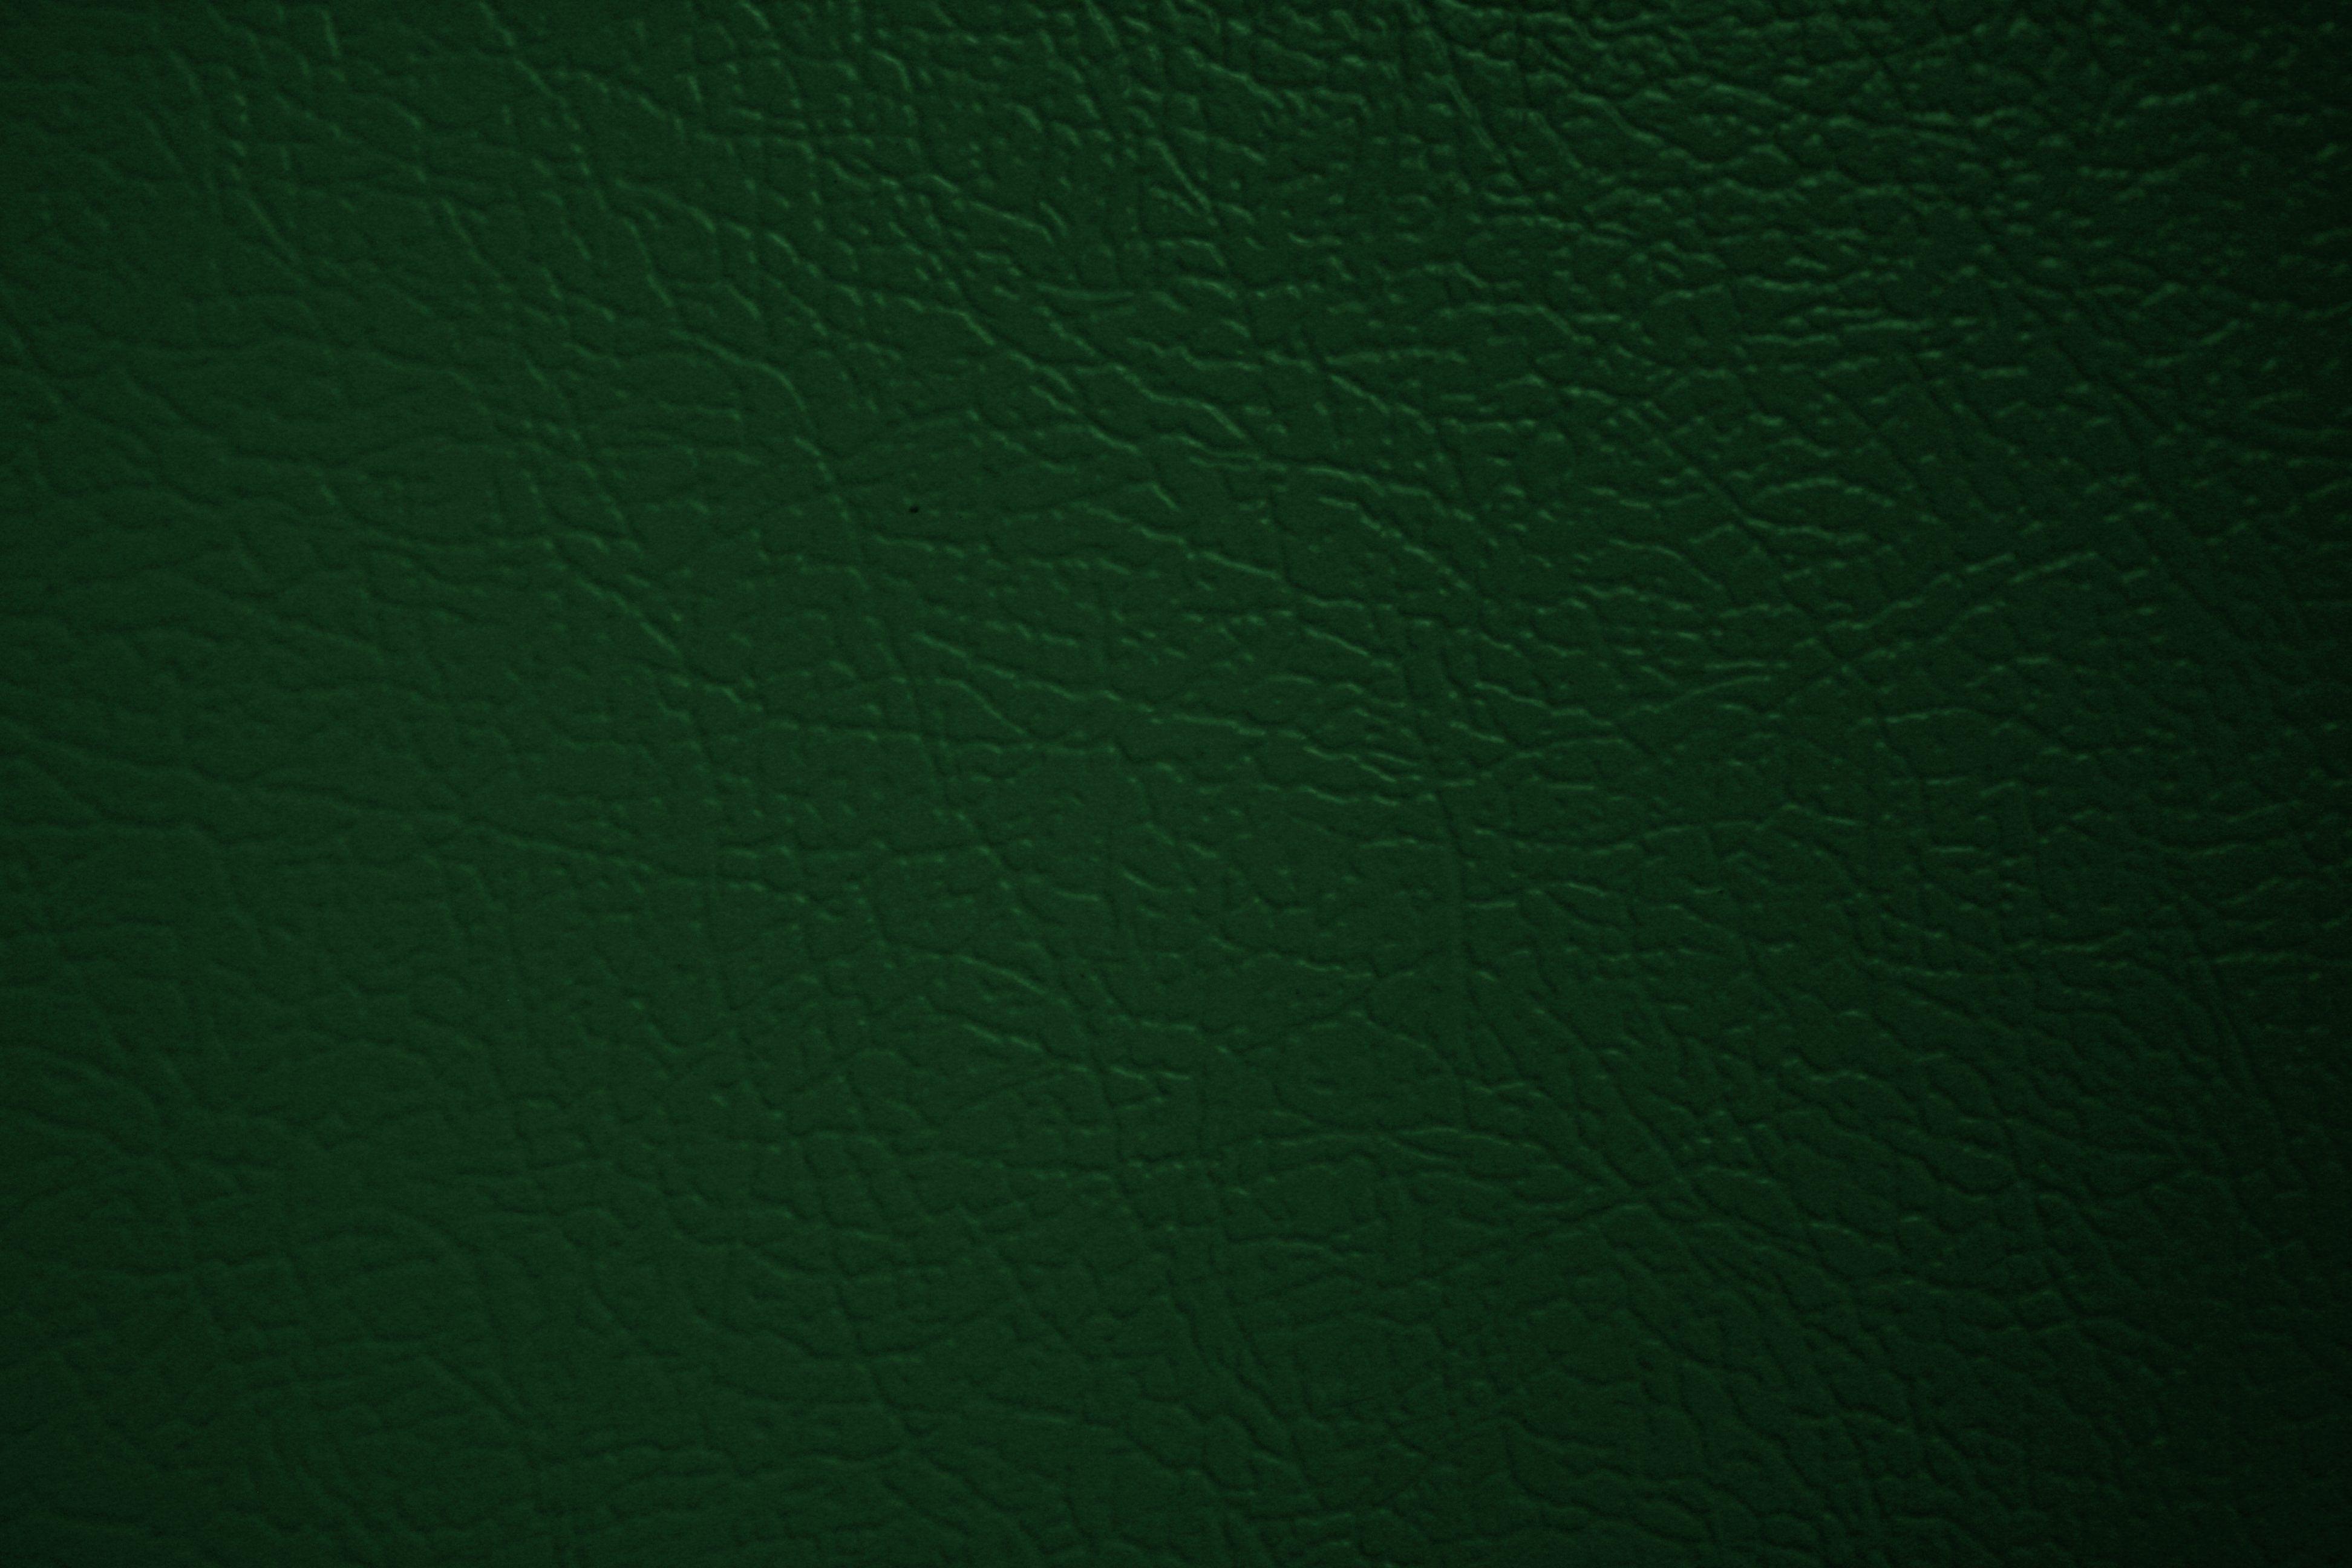 глубокий зеленый картинки отдельного вентканала нет